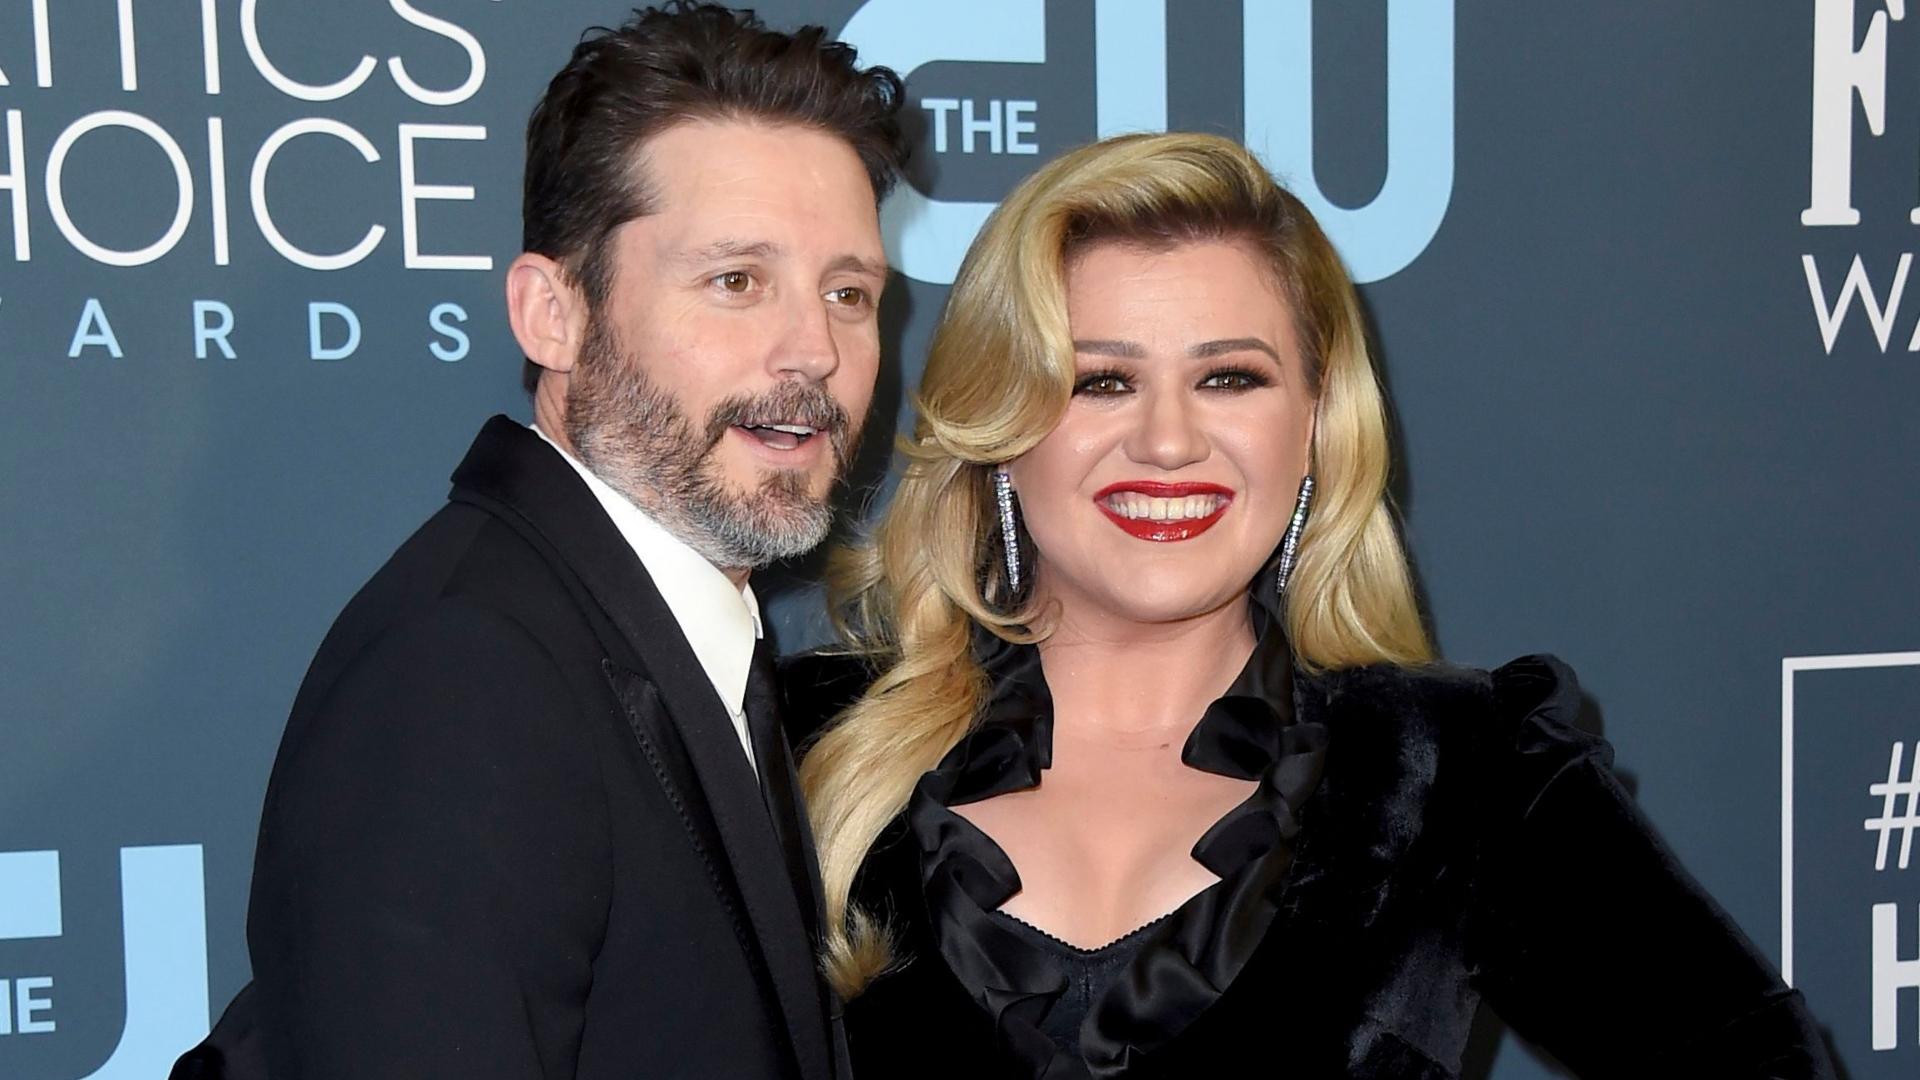 40 Celebrity Splits & Divorces We Never Saw Coming